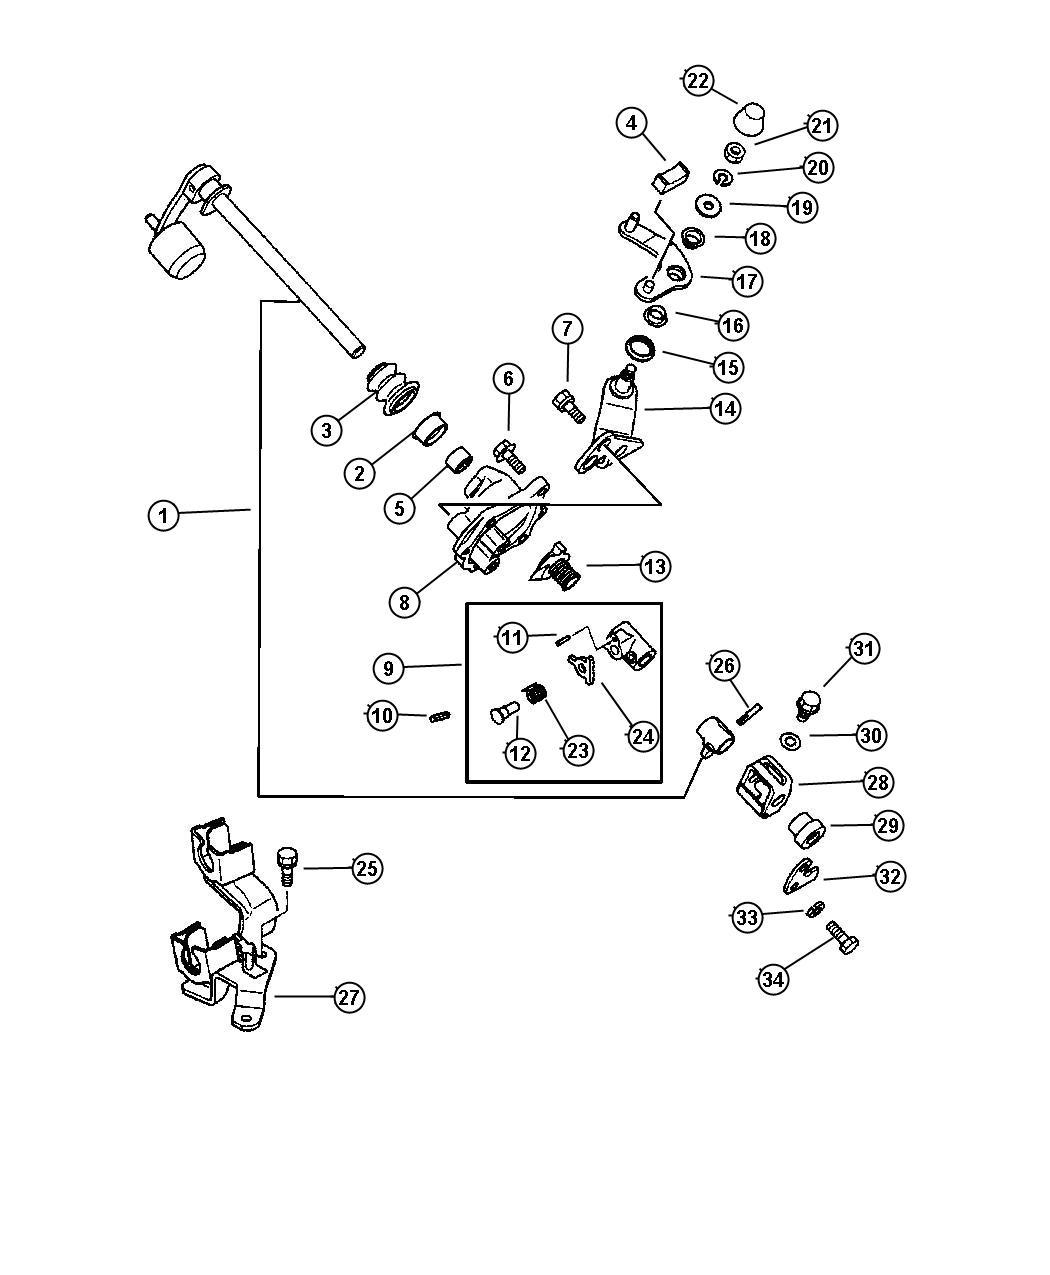 2004 chrysler sebring pin  shift shaft   5x22   sept